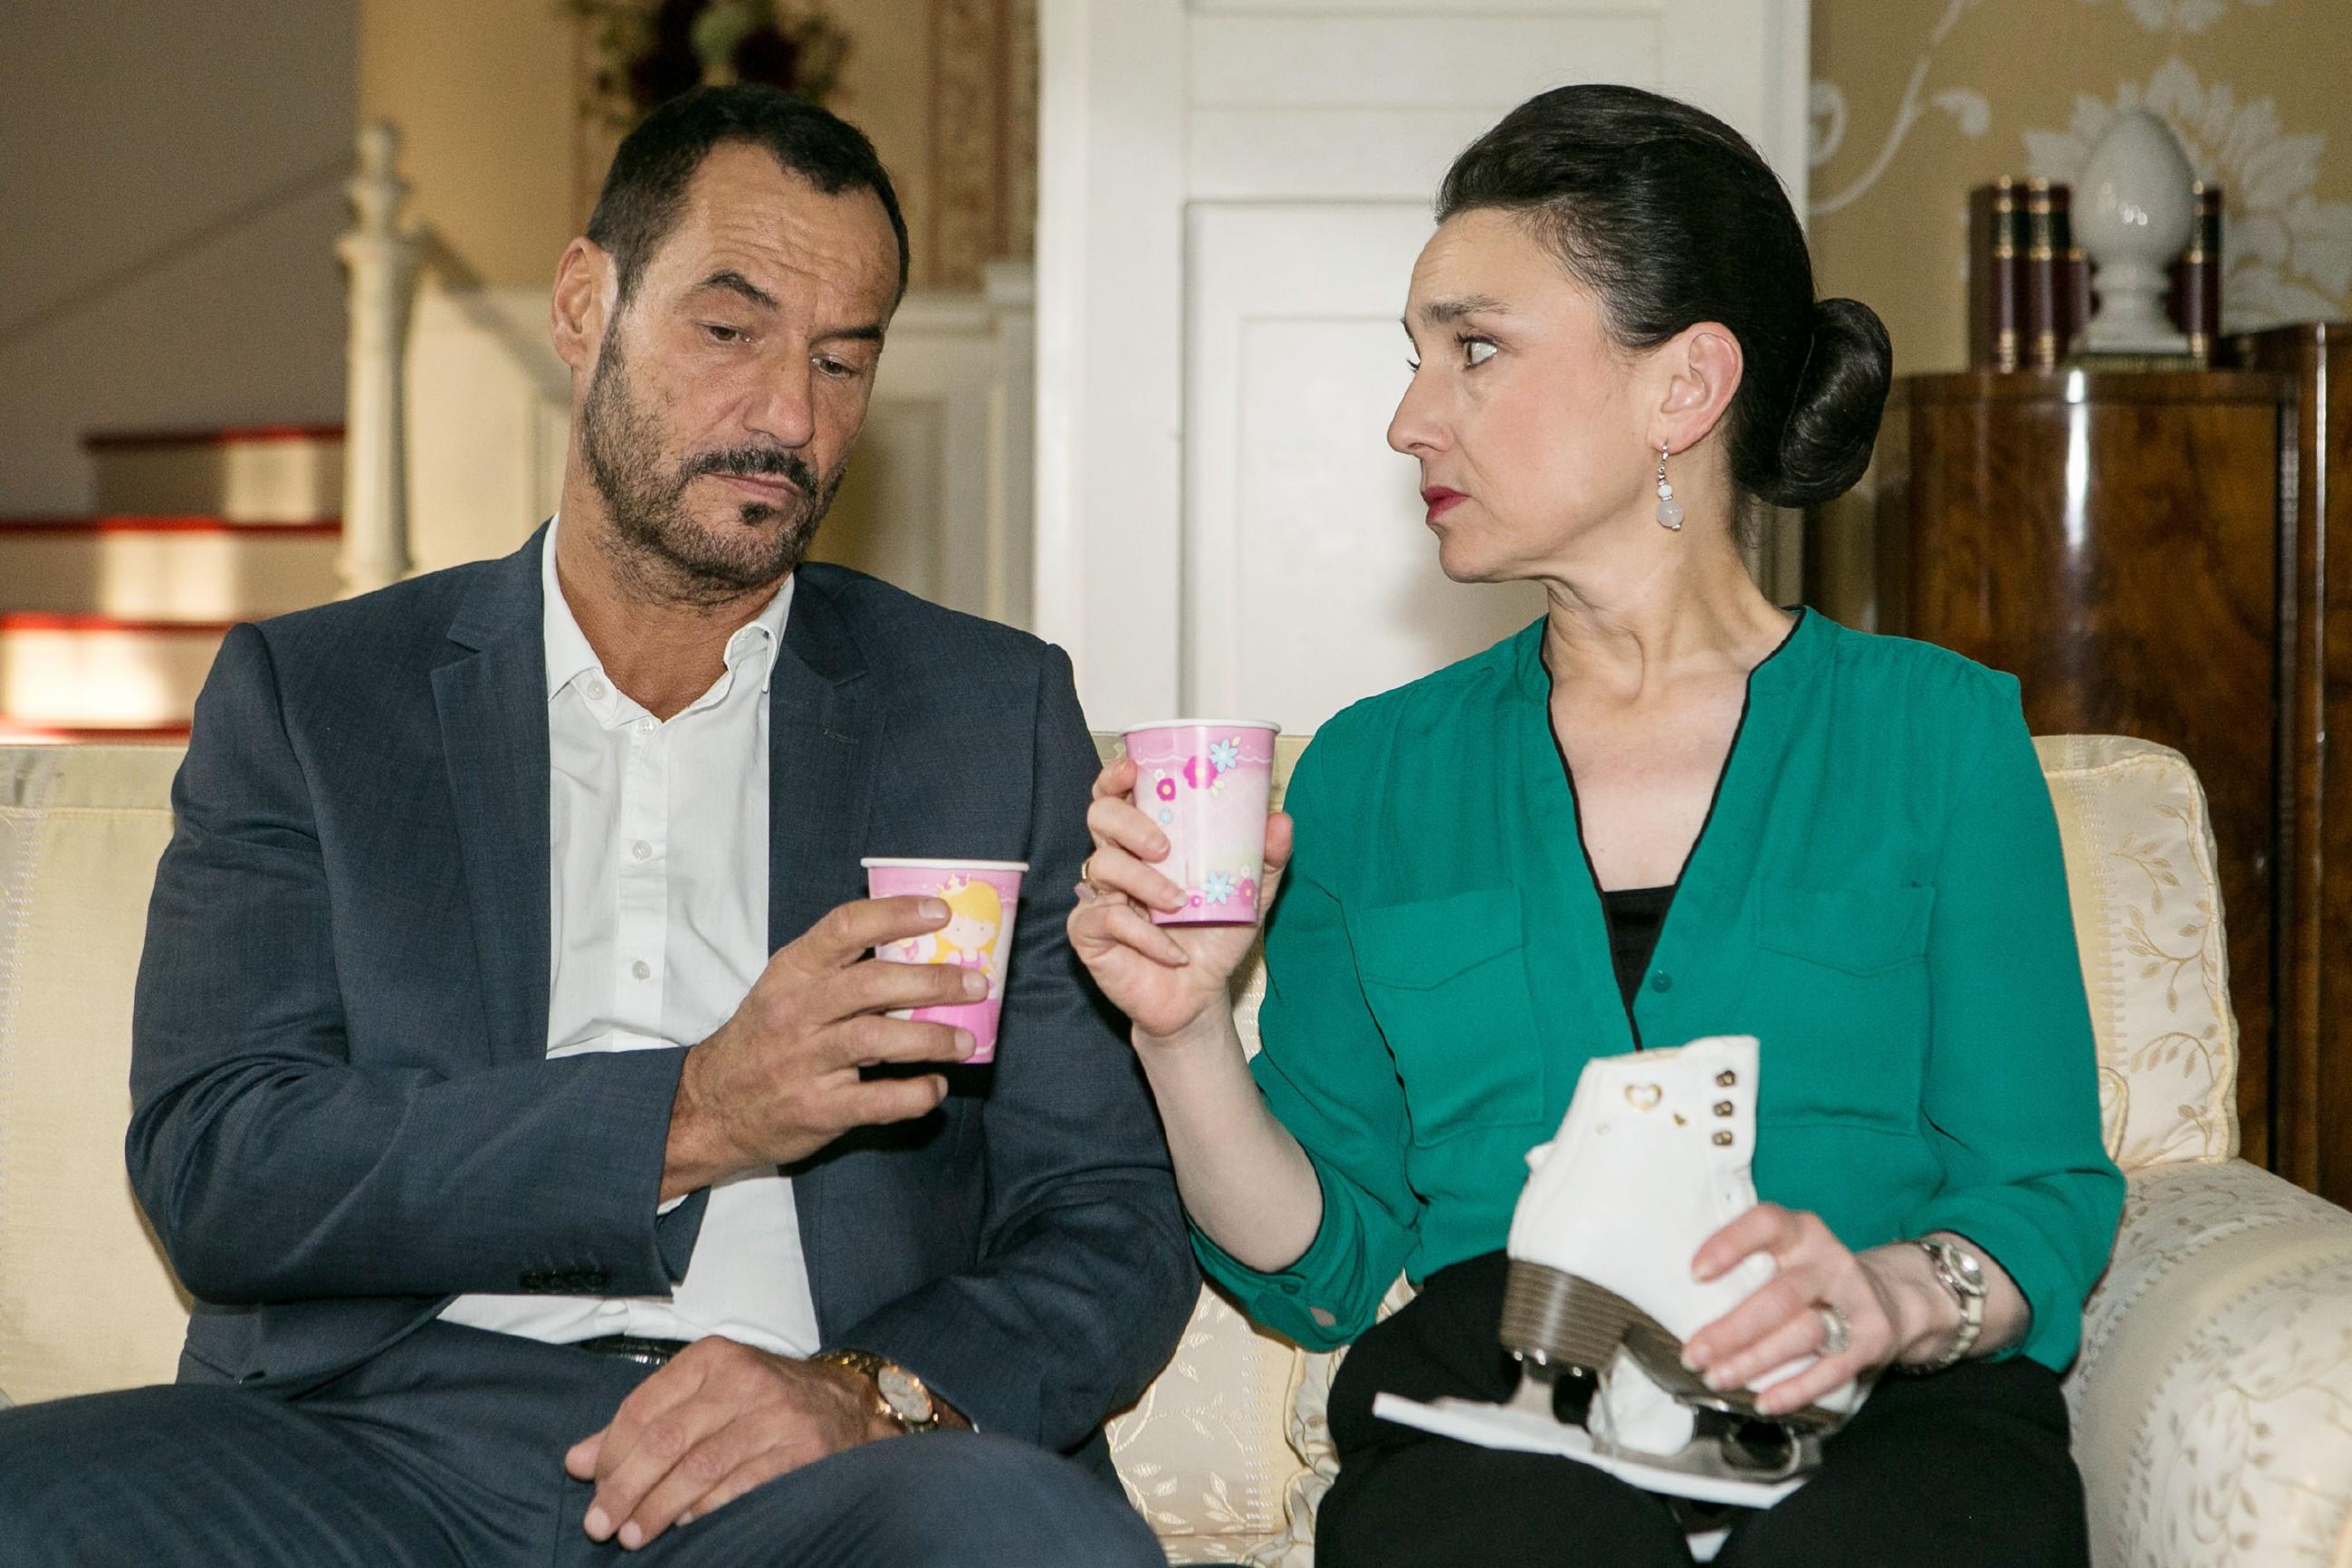 In wehmütiger Stimmung schöpfen Richard (Silvan-Pierre Leirich) und Simone (Tatjana Clasing) Hoffnung, dass die Familie vielleicht doch wieder zueinander findet. (Quelle: RTL / Kai Schulz)